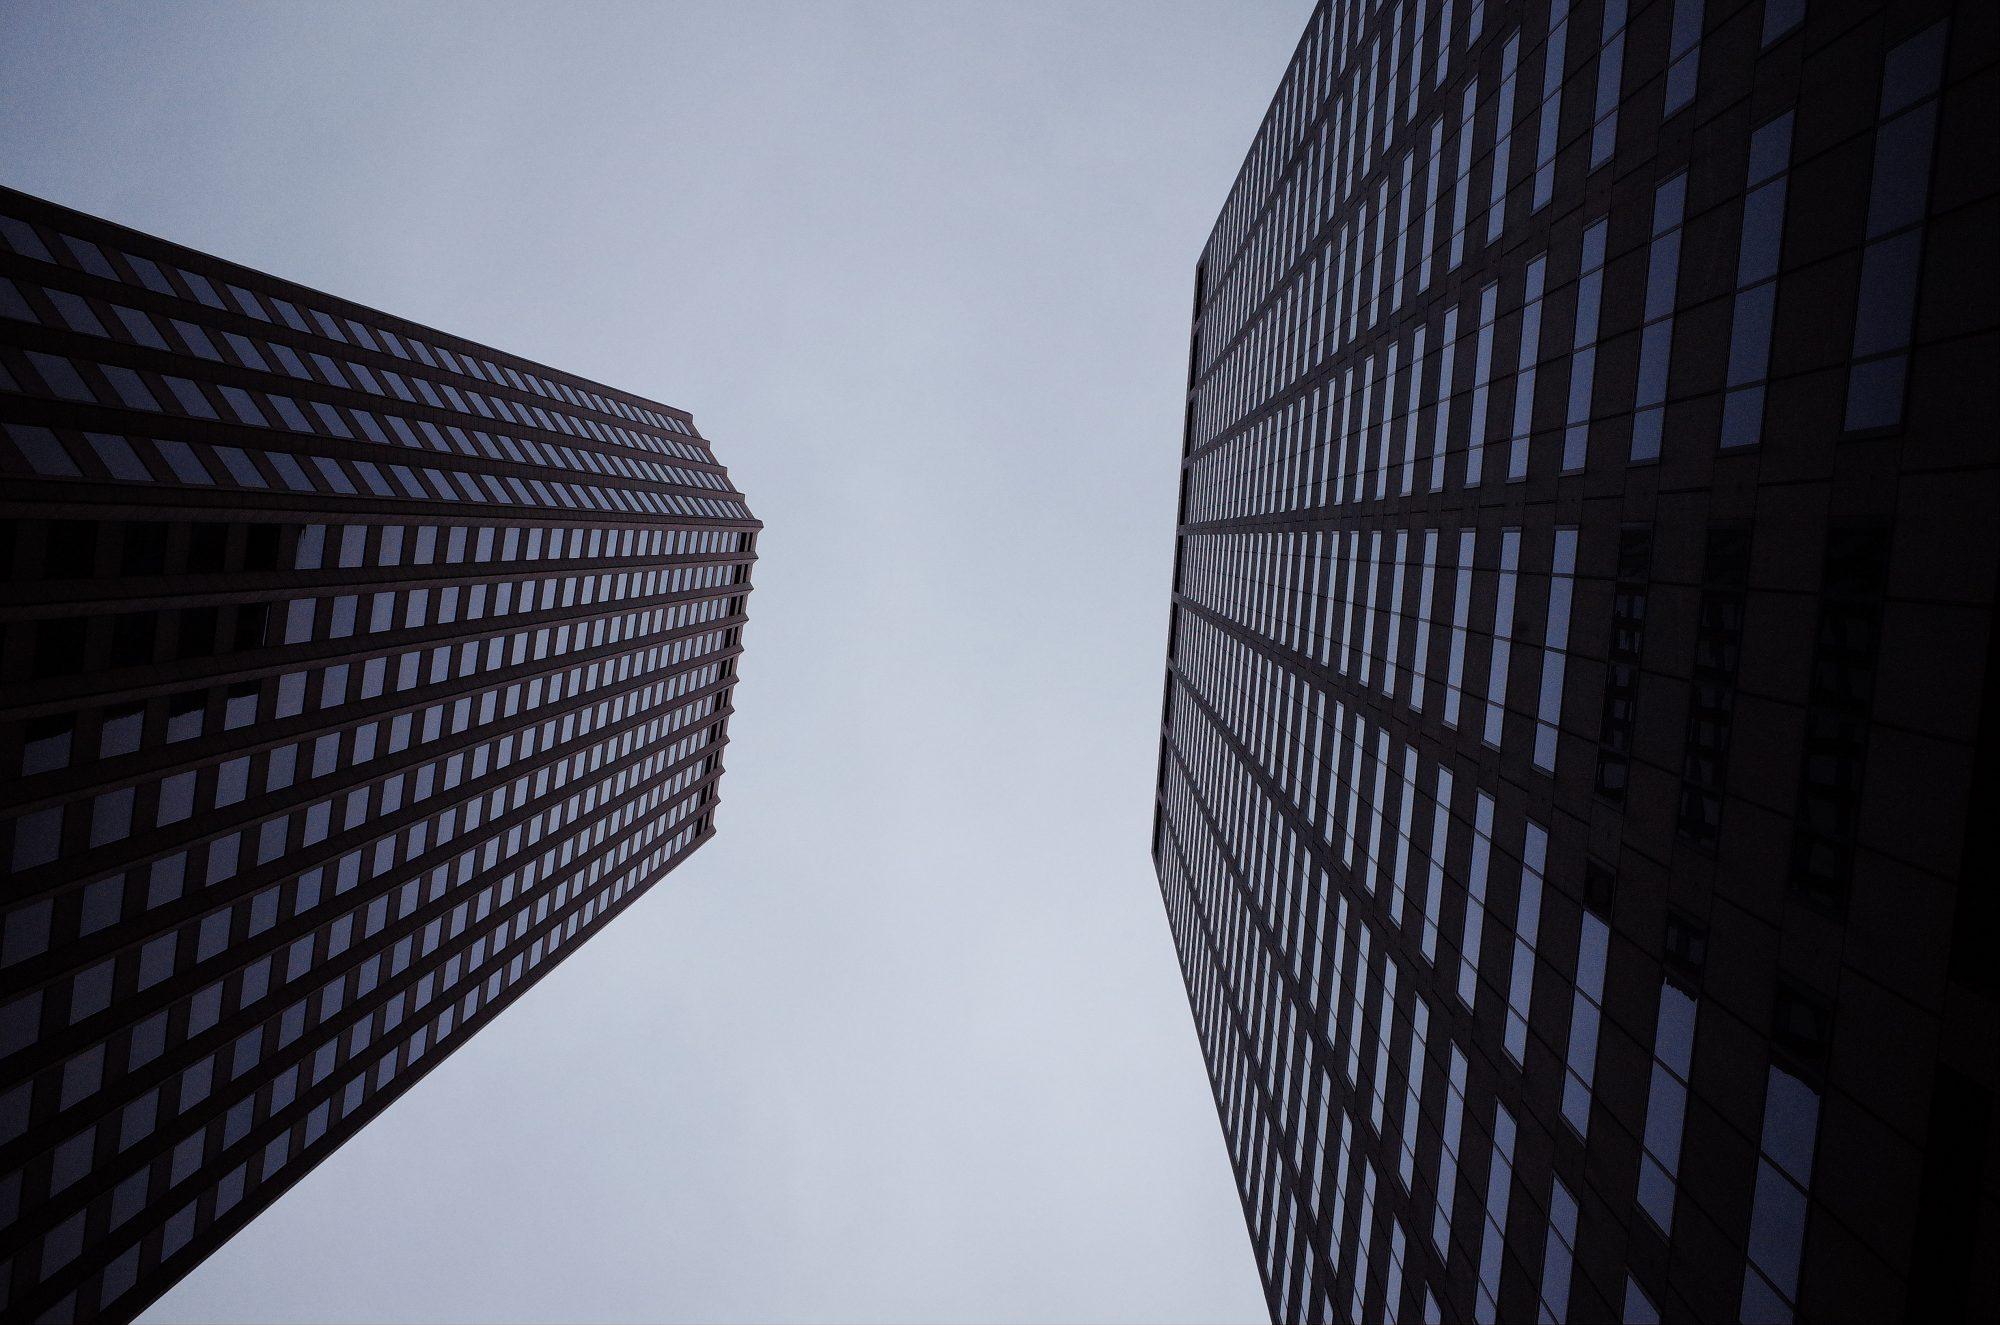 Boston skyscrapers architecture